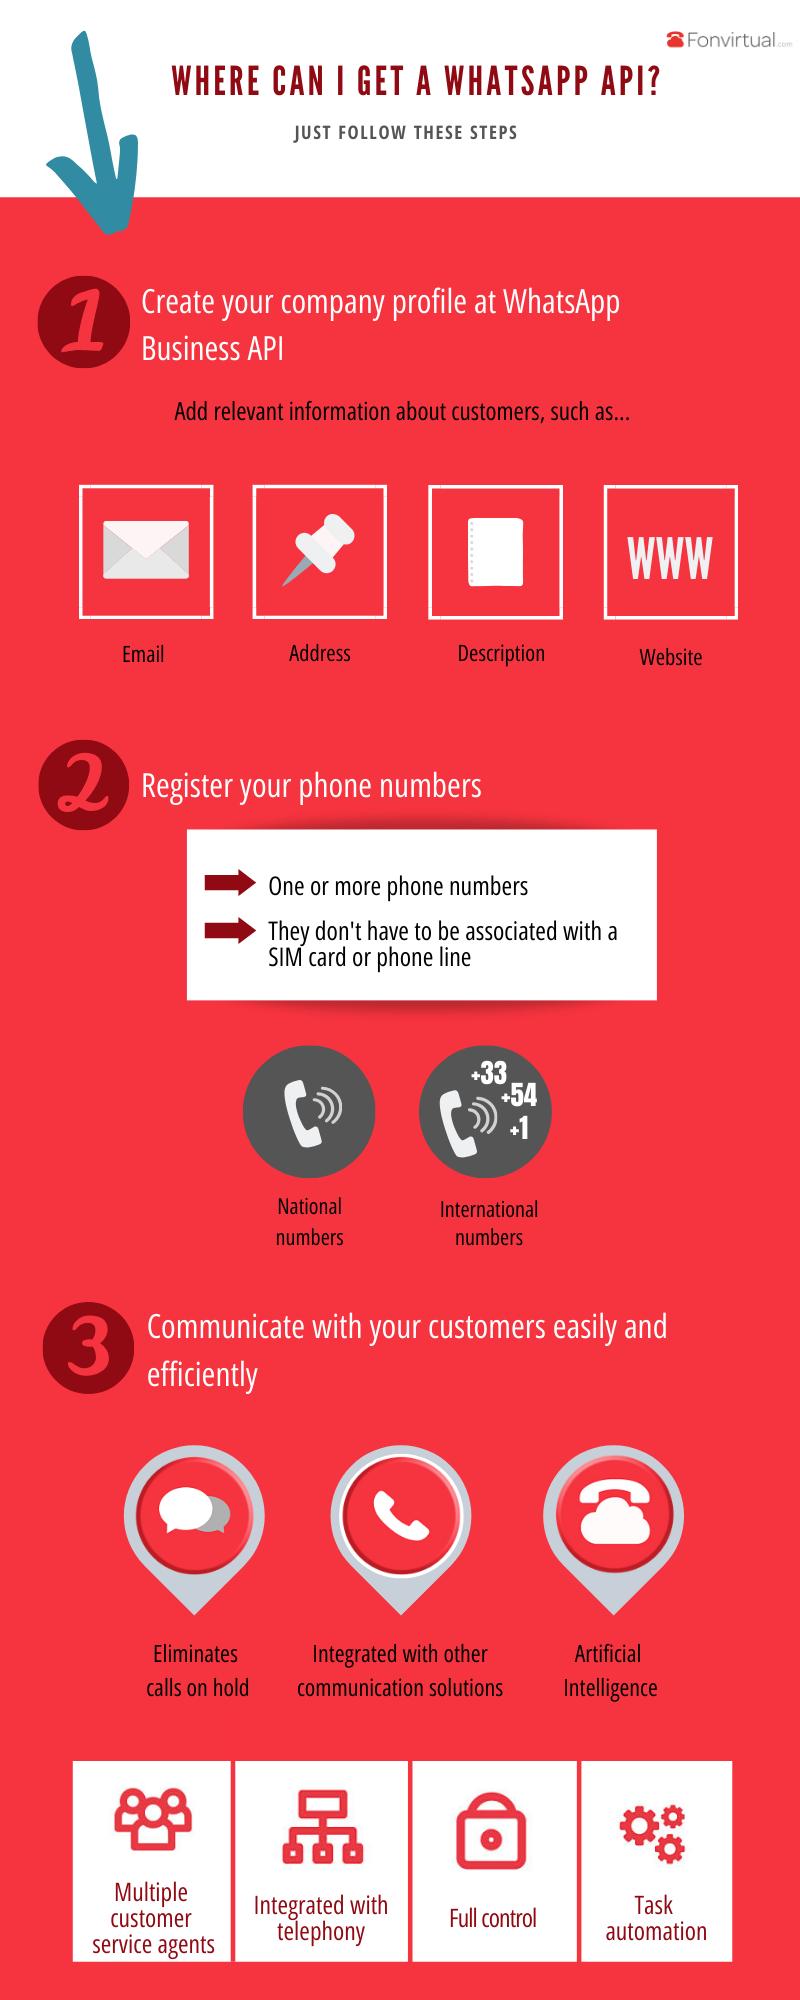 whatsapp-infographic-2